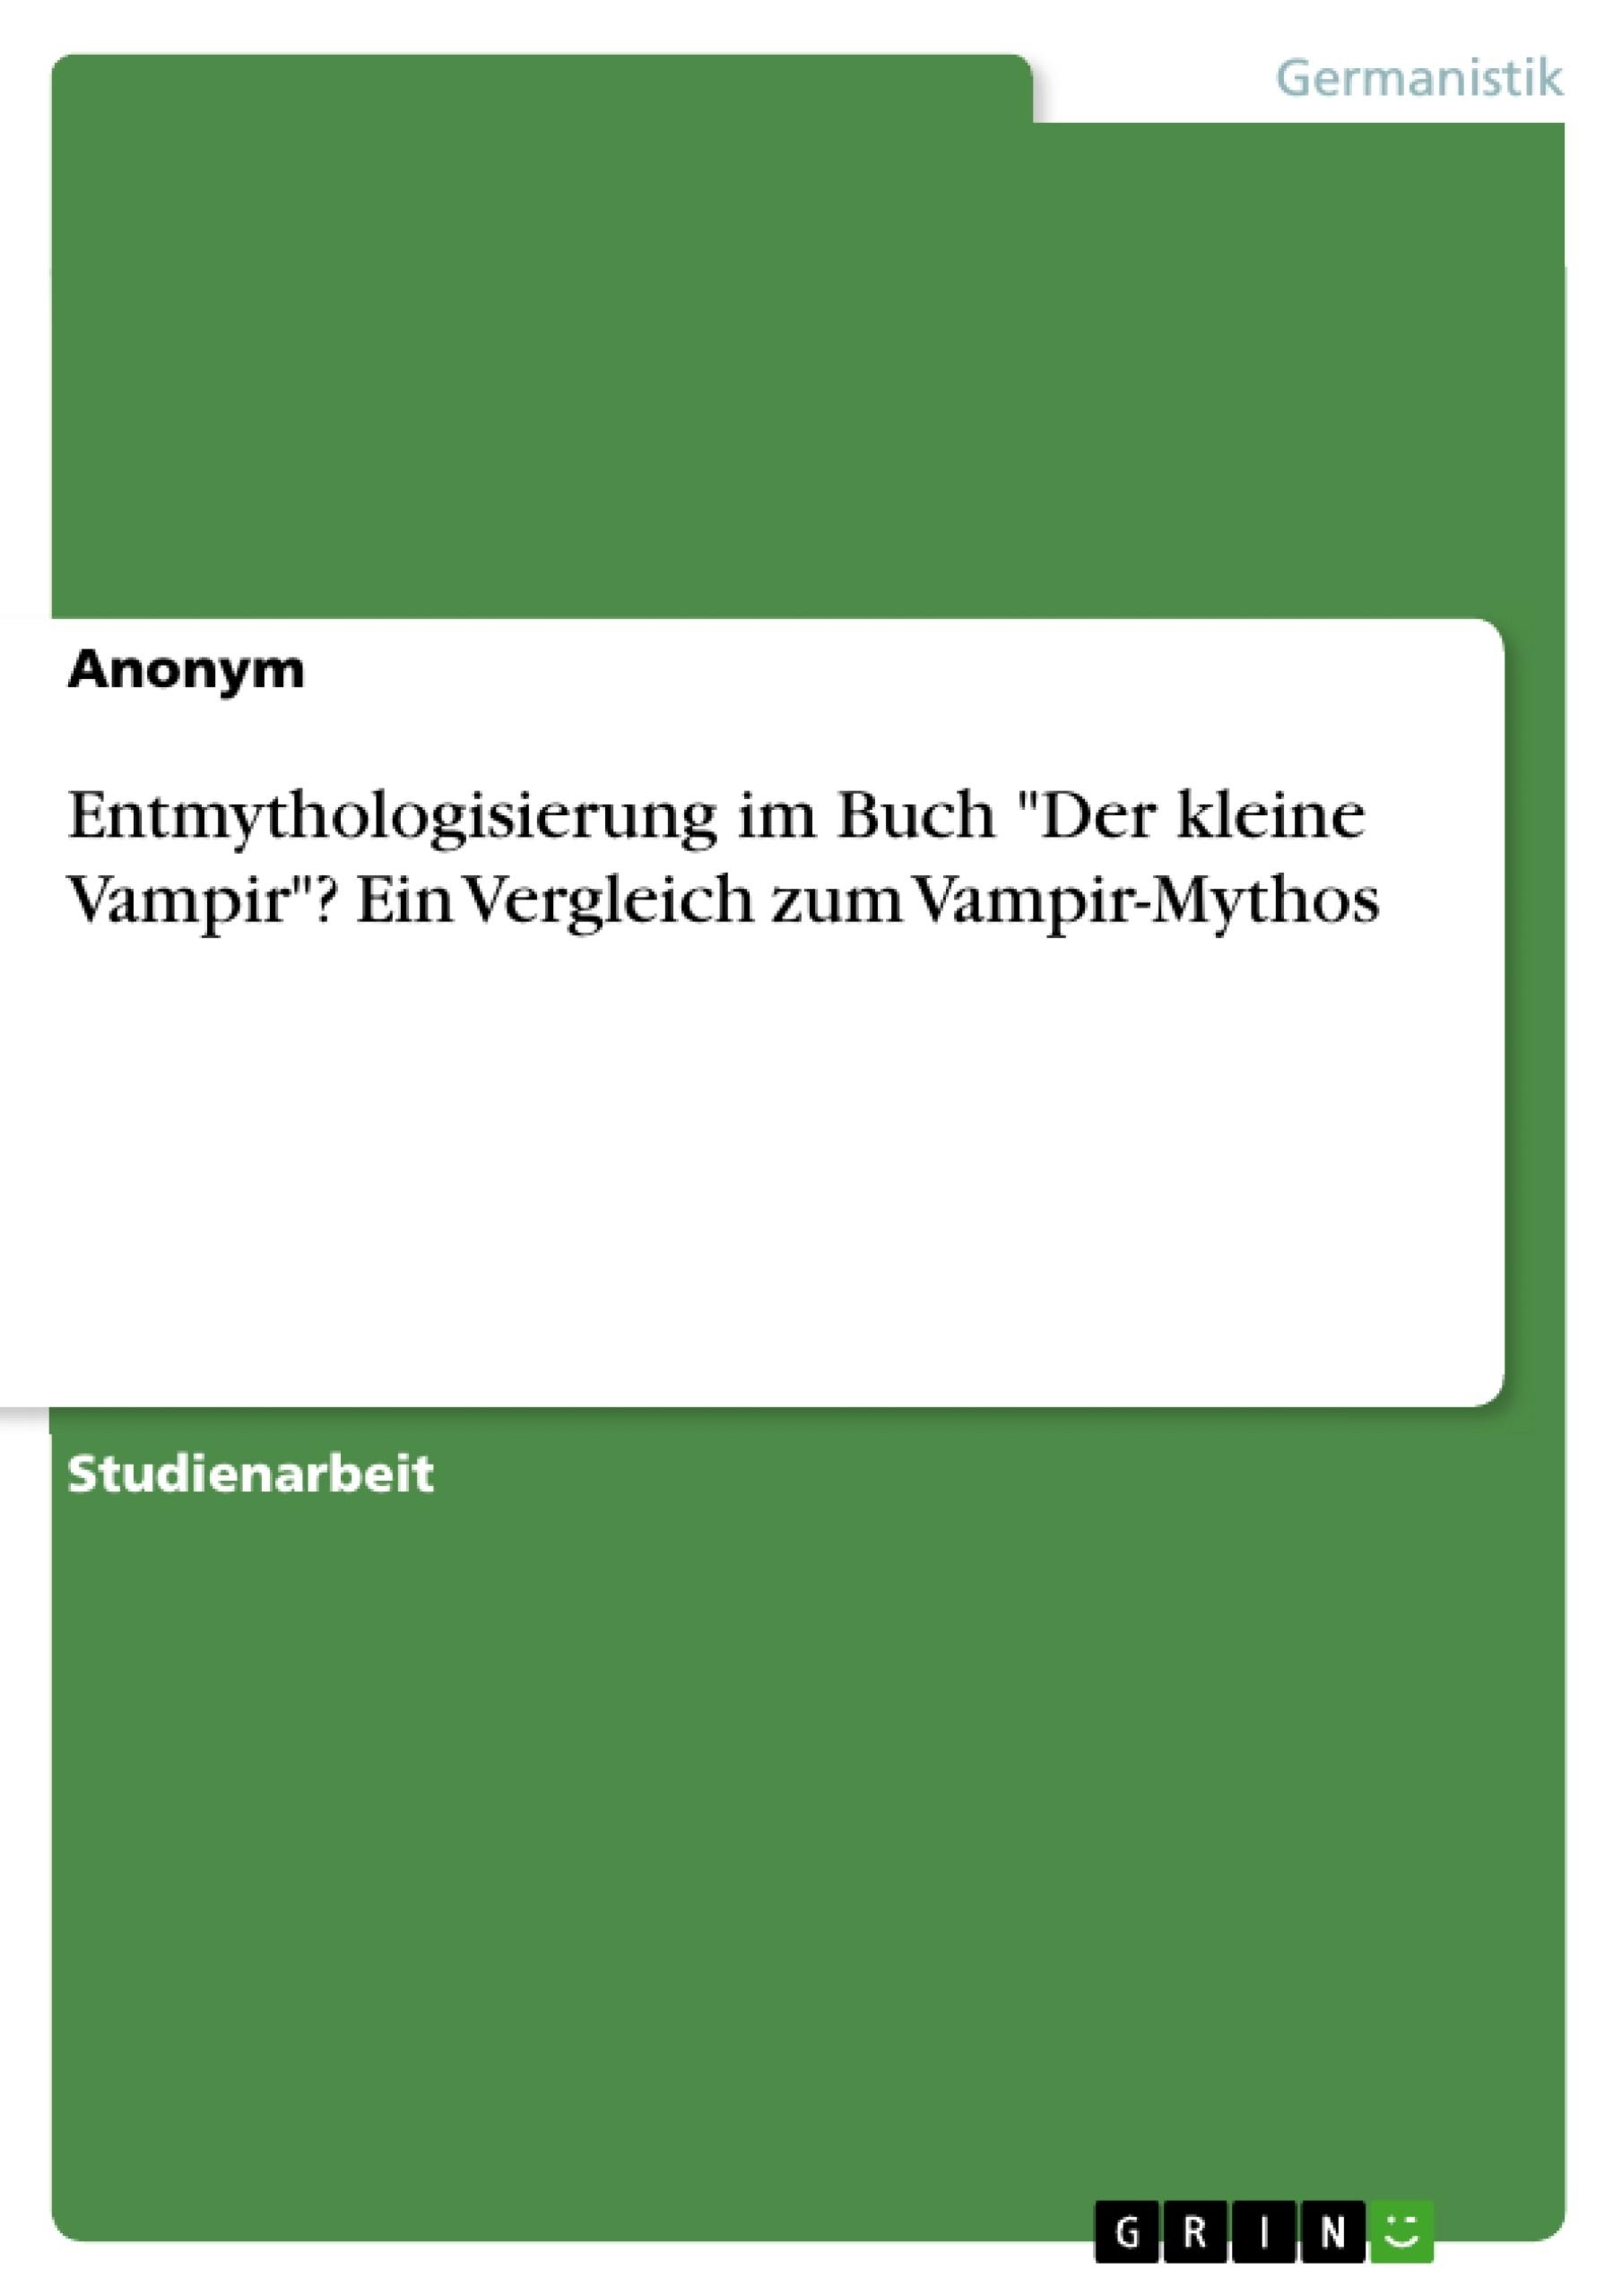 """Titel: Entmythologisierung im Buch """"Der kleine Vampir""""? Ein Vergleich zum Vampir-Mythos"""